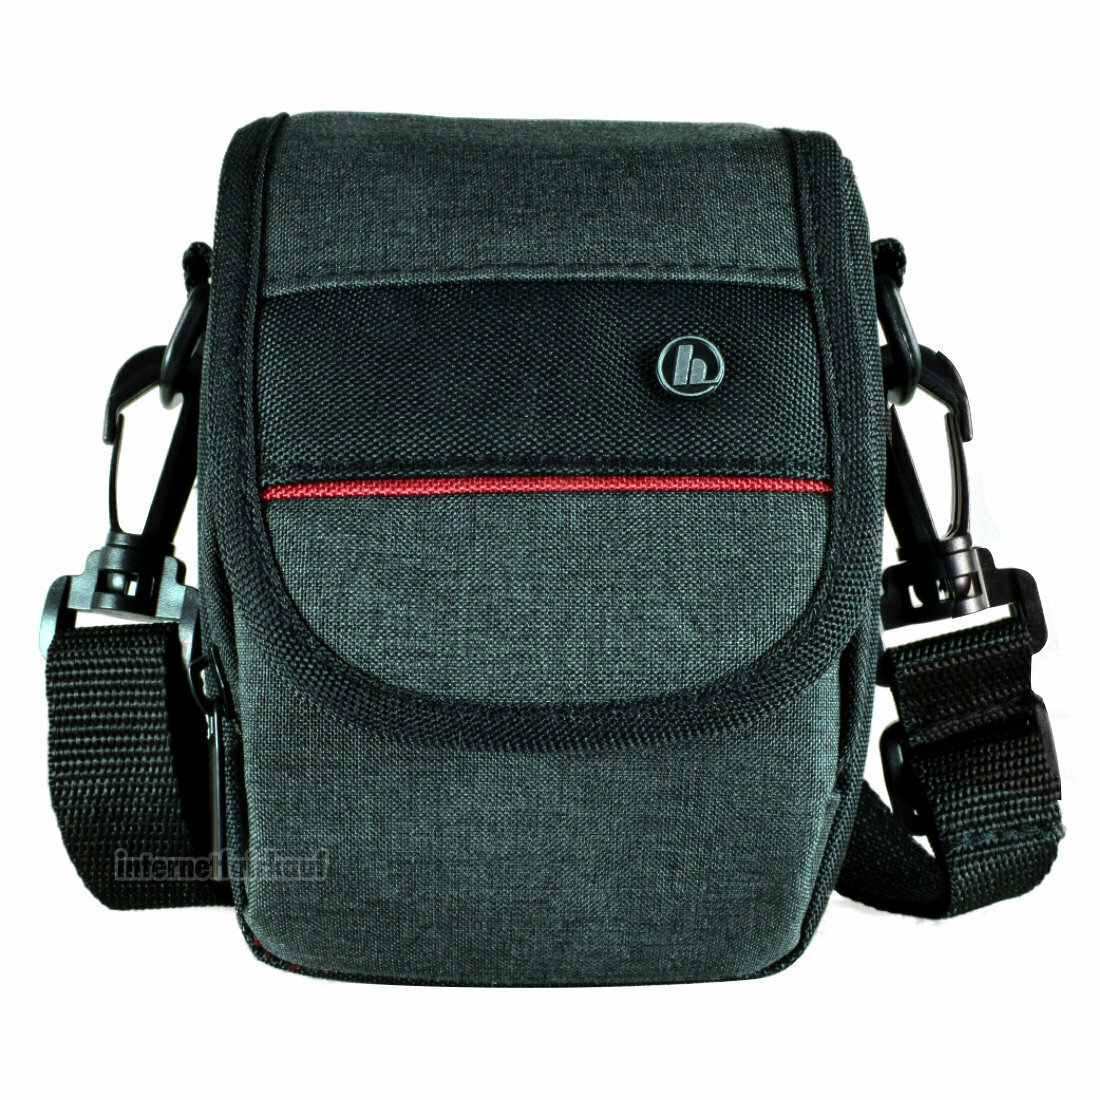 Kameratasche passend für Olympus Pen E-PL7 E-PL8 und 14-42 mm Objektiv